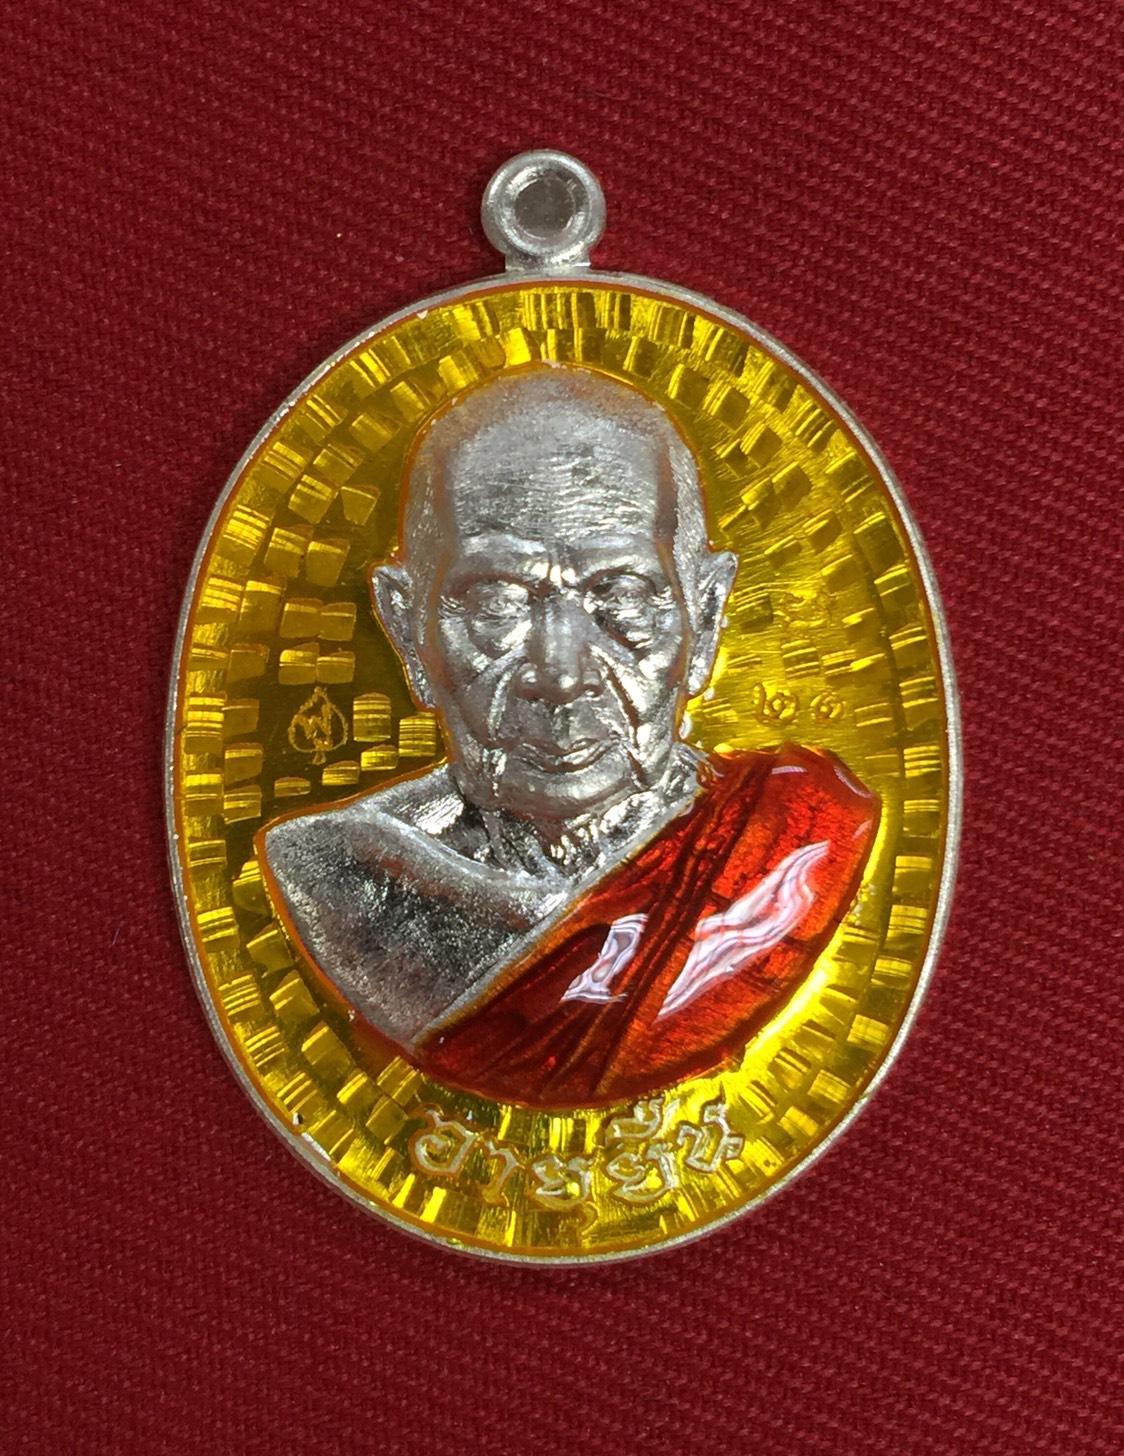 เหรียญอายุยืน ปี2559 เนื้อเงินลงยาราชาวดีสีเหลือง หลวงพ่อฟู วัดบางสมัคร